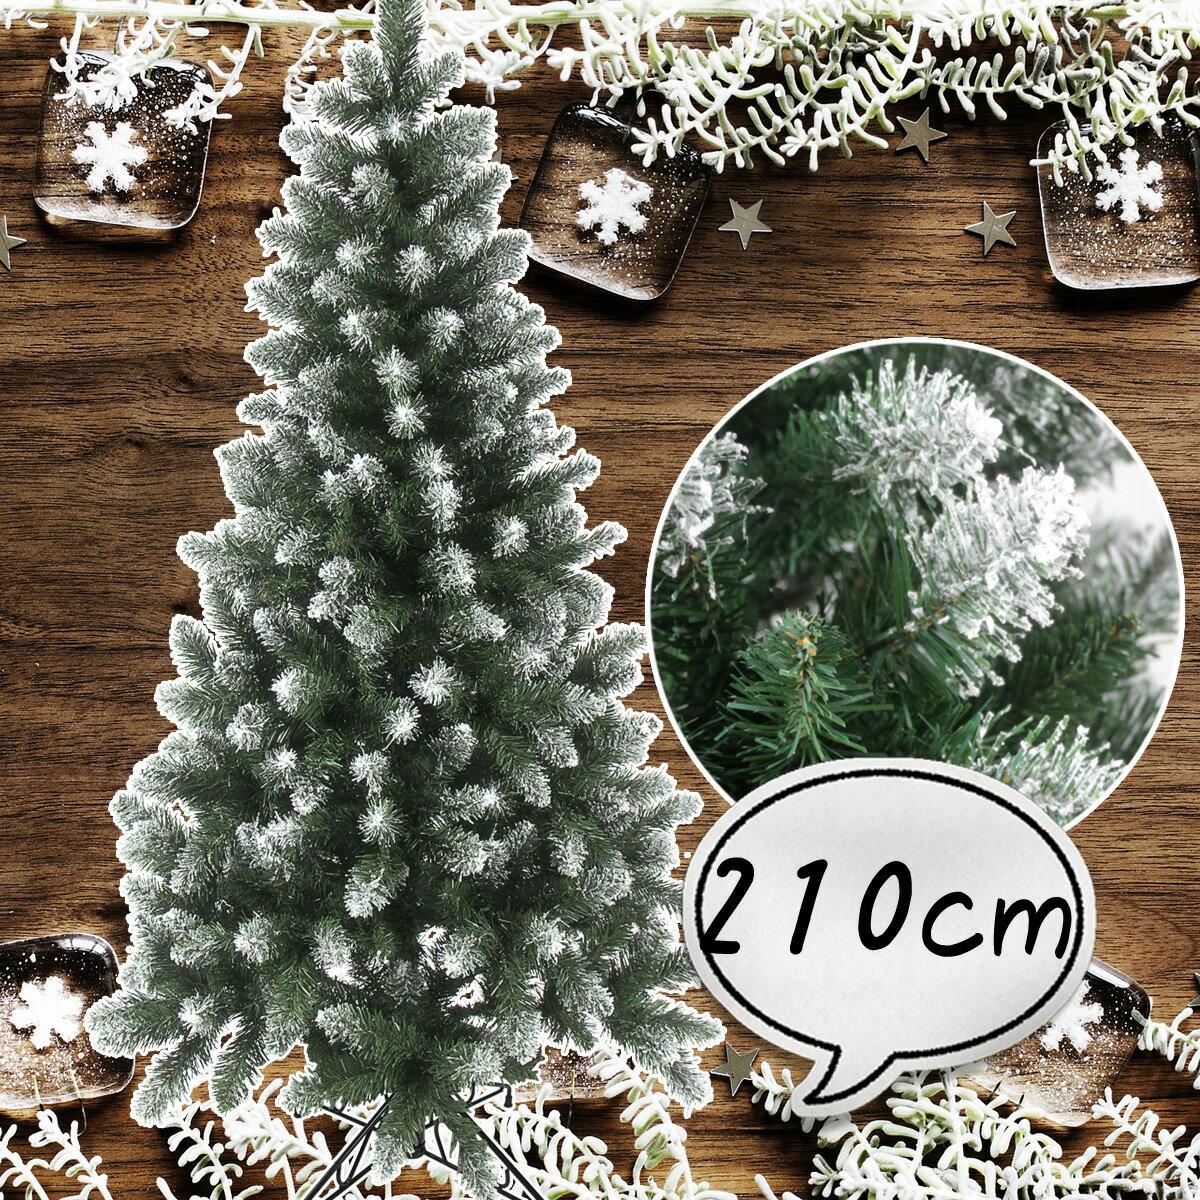 クリスマスツリー 210cm 雪付き ポイントスノーツリー グリーン ツリーの木 [ ヌードツリー ] 北欧 おしゃれ